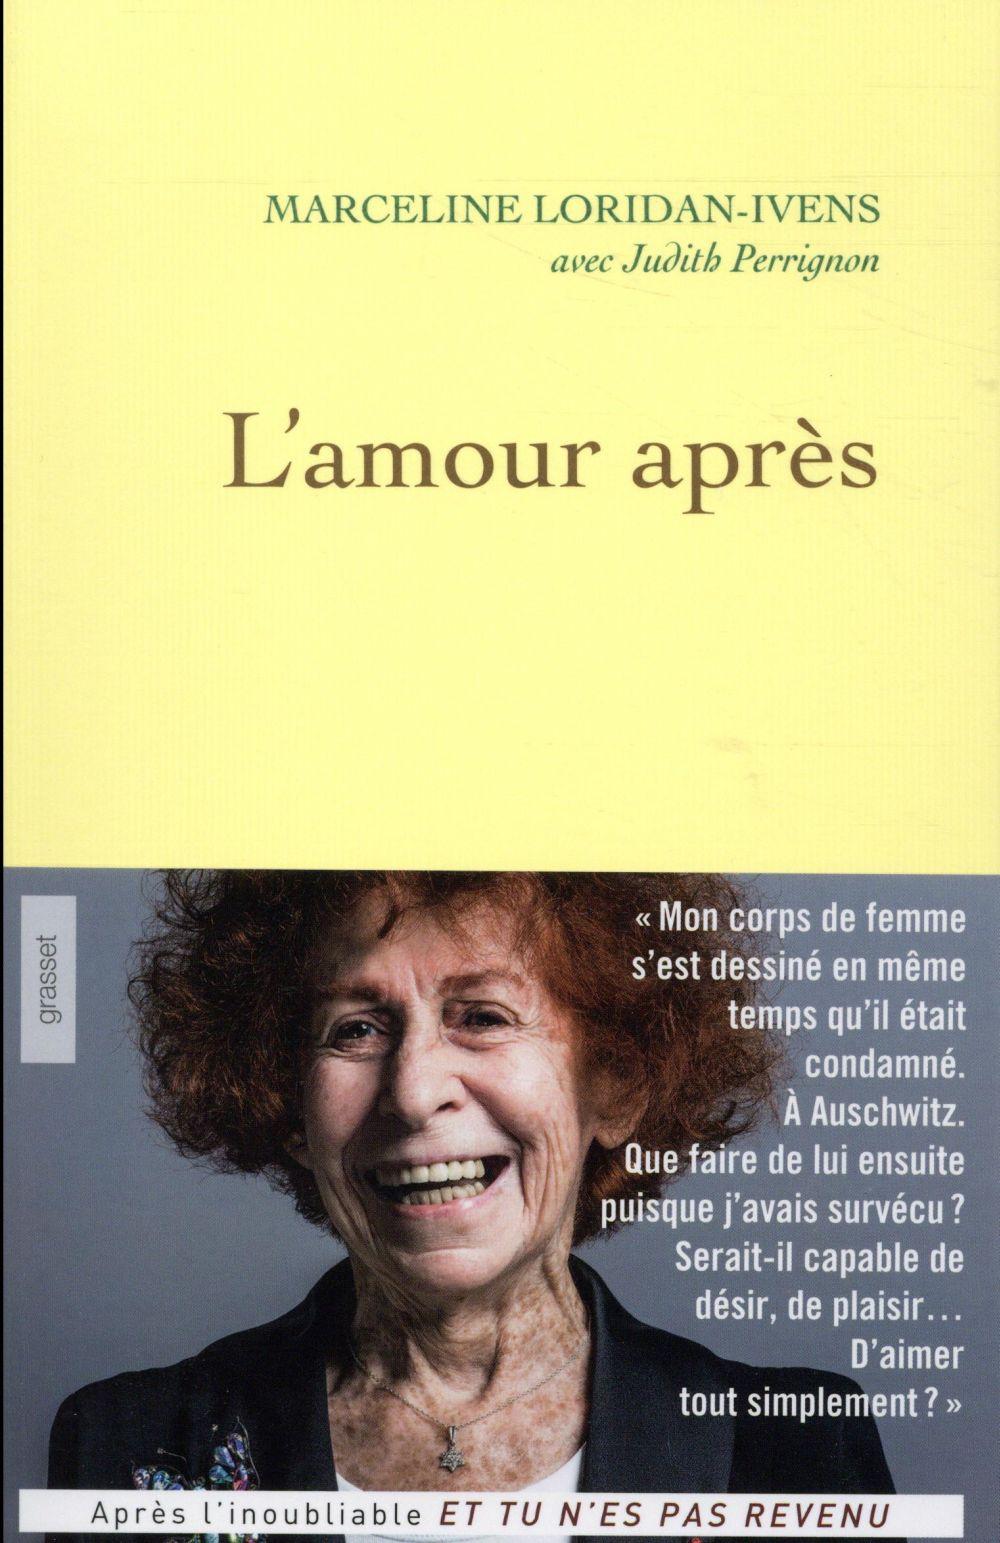 L'AMOUR APRES